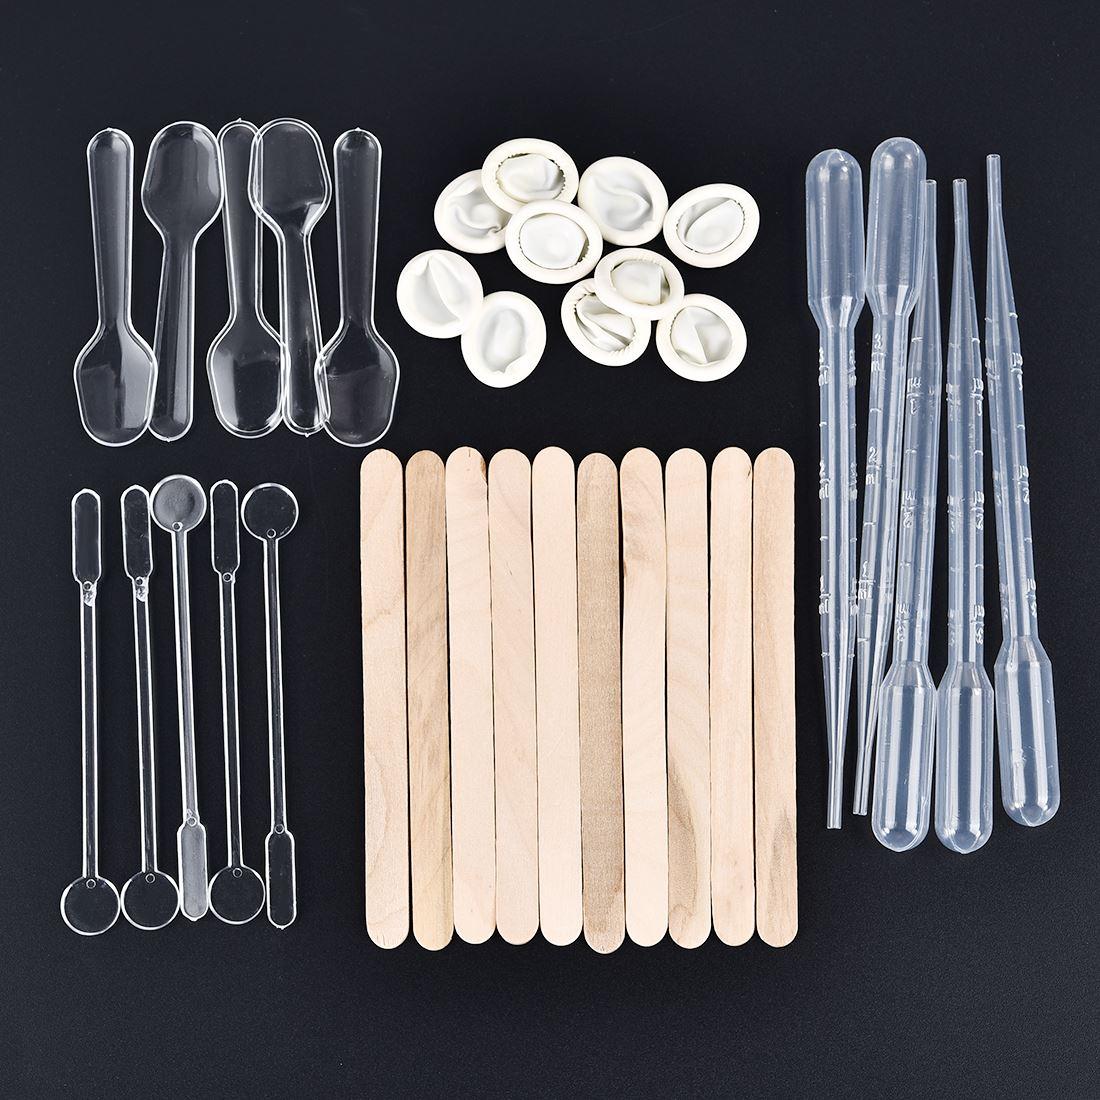 35 шт./компл. инструмент для изготовления формы из смолы «сделай сам», наборы для изготовления хрустальных УФ-отверждаемая эпоксидная смола ...